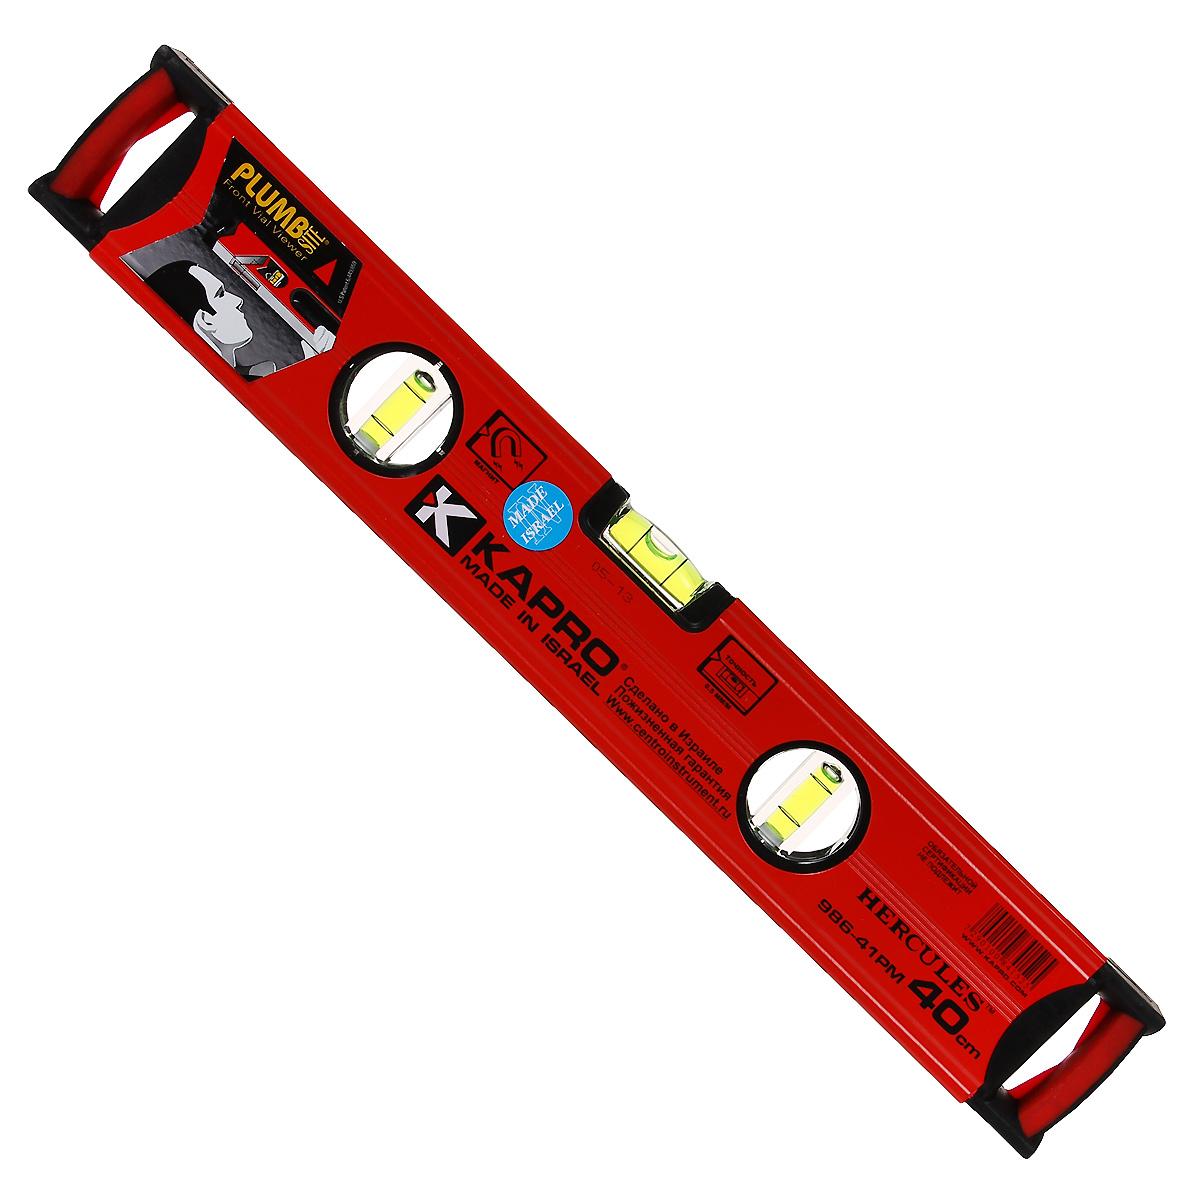 Уровень магнитный Kapro PlumbSite Hercules, 3 колбы, 40 см986-41-40РМУровень Kapro PlumbSite Hercules используется при необходимости контроля горизонтальных и вертикальных плоскостей. Металлический корпус уровня обеспечивает долгий срок эксплуатации. Оснащен 3 колбами. Имеется магнит для фиксации на железном покрытии.